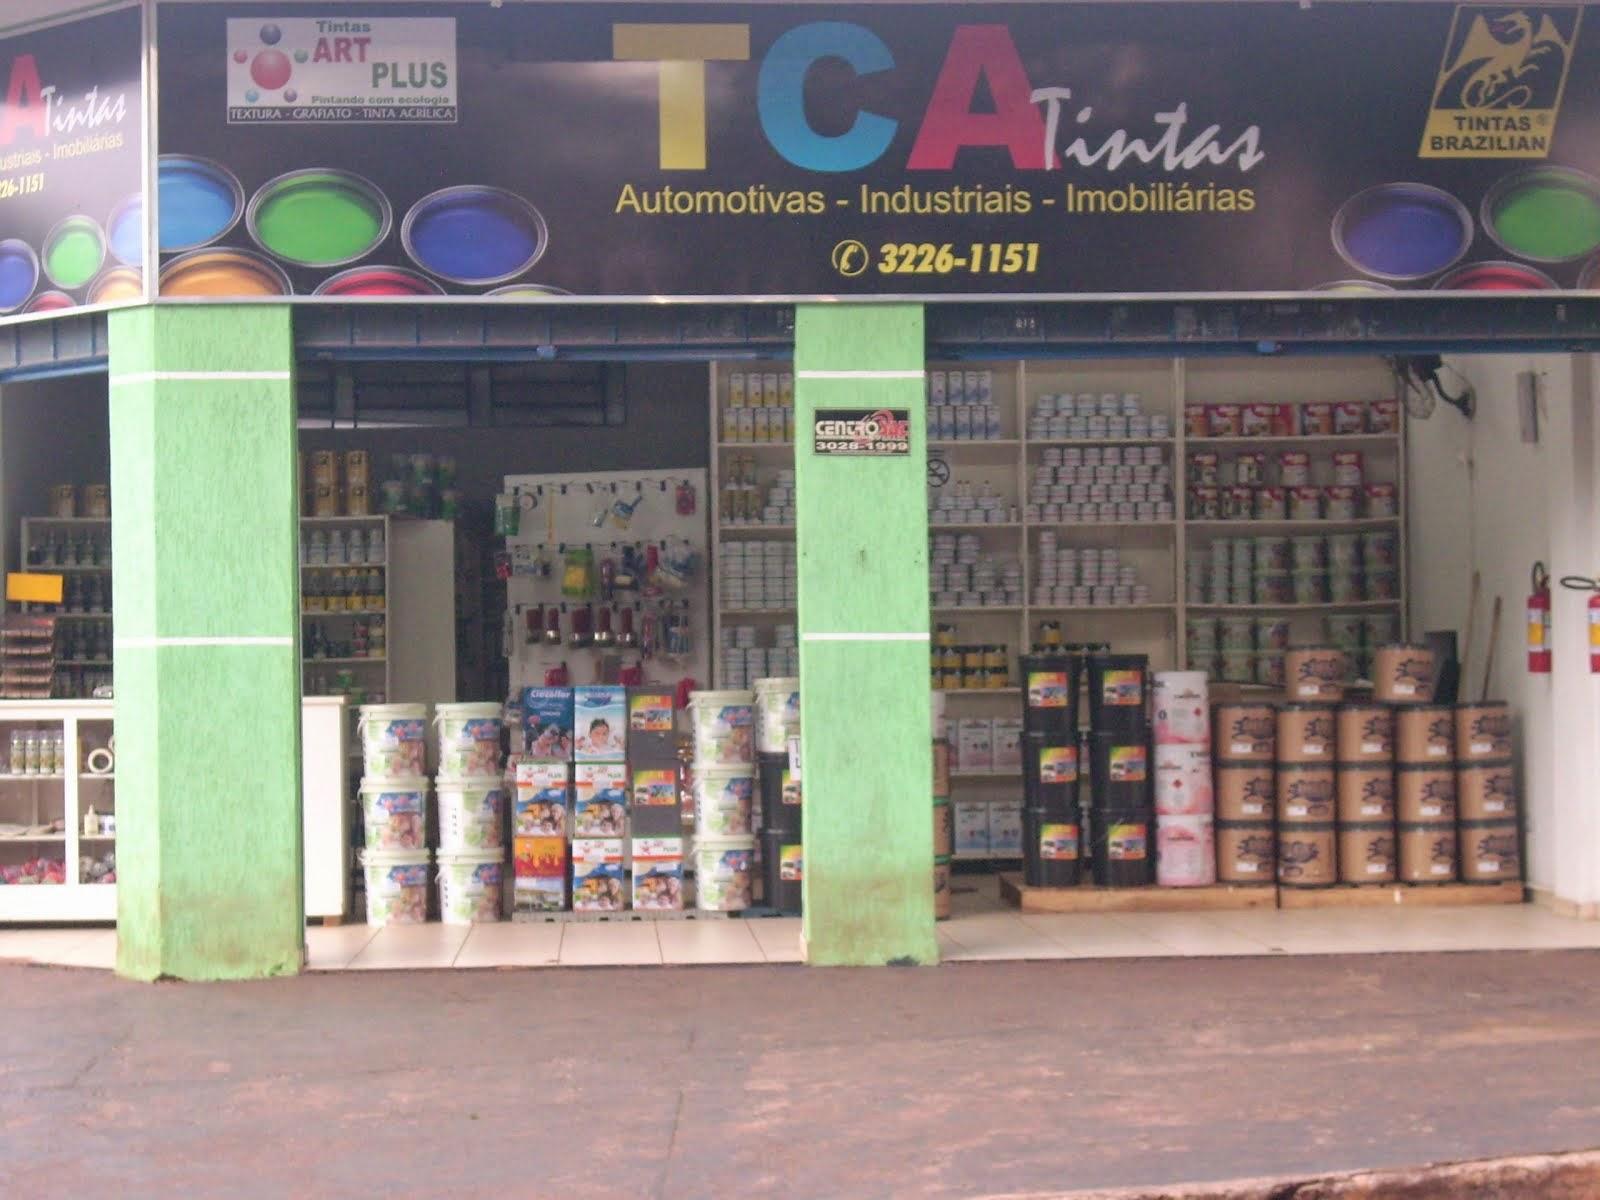 TCA TINTAS HÁ 17 ANOS PINTANDO COM QUALIDADE